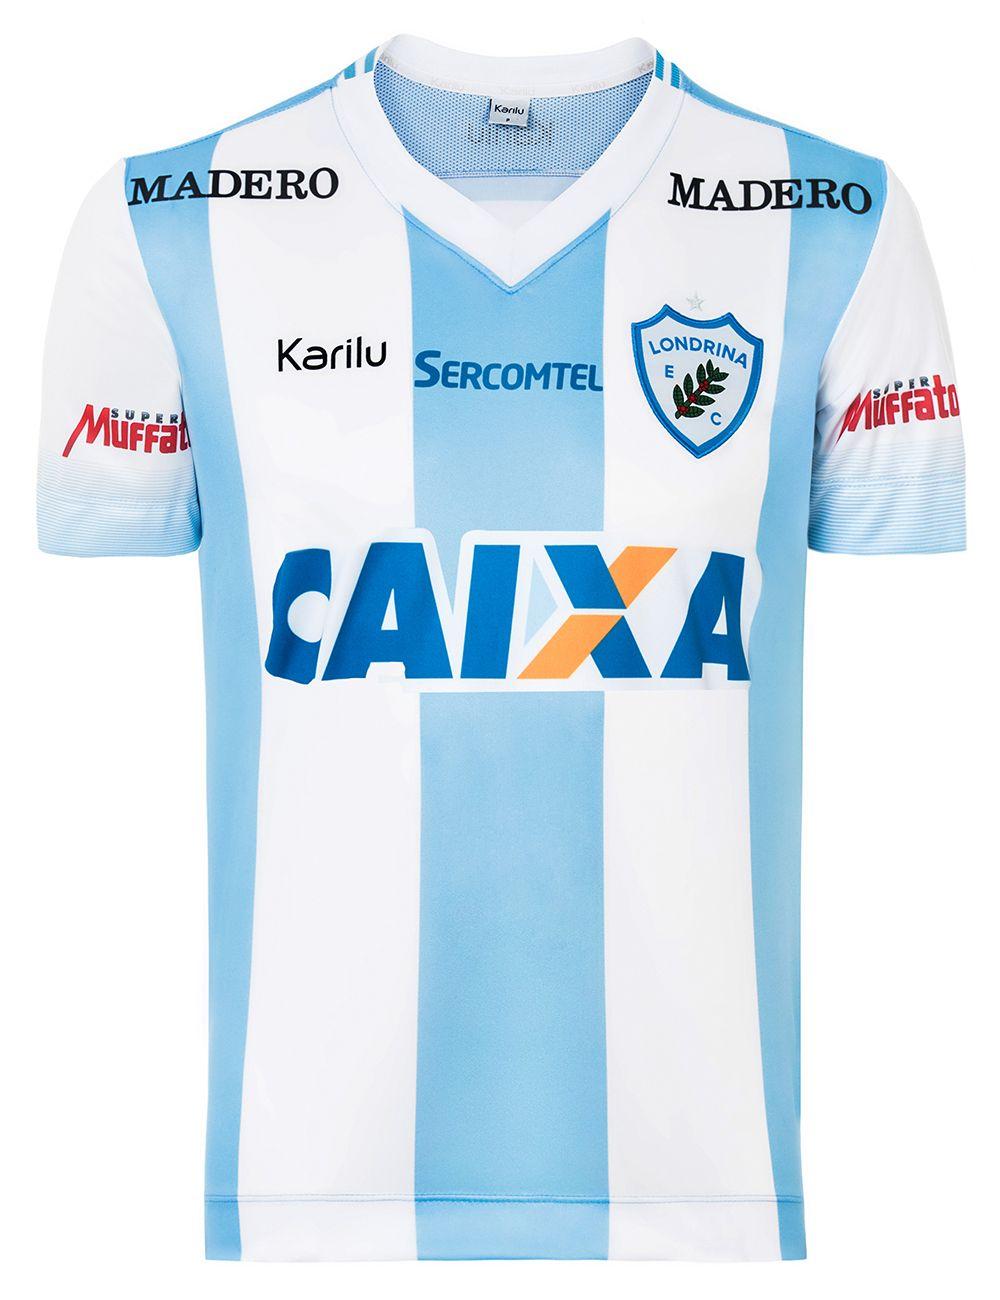 Camisa oficial do Londrina - Listrado - BRASILEIRÃO 2017 na Karilu 179e4cf0d3c2d